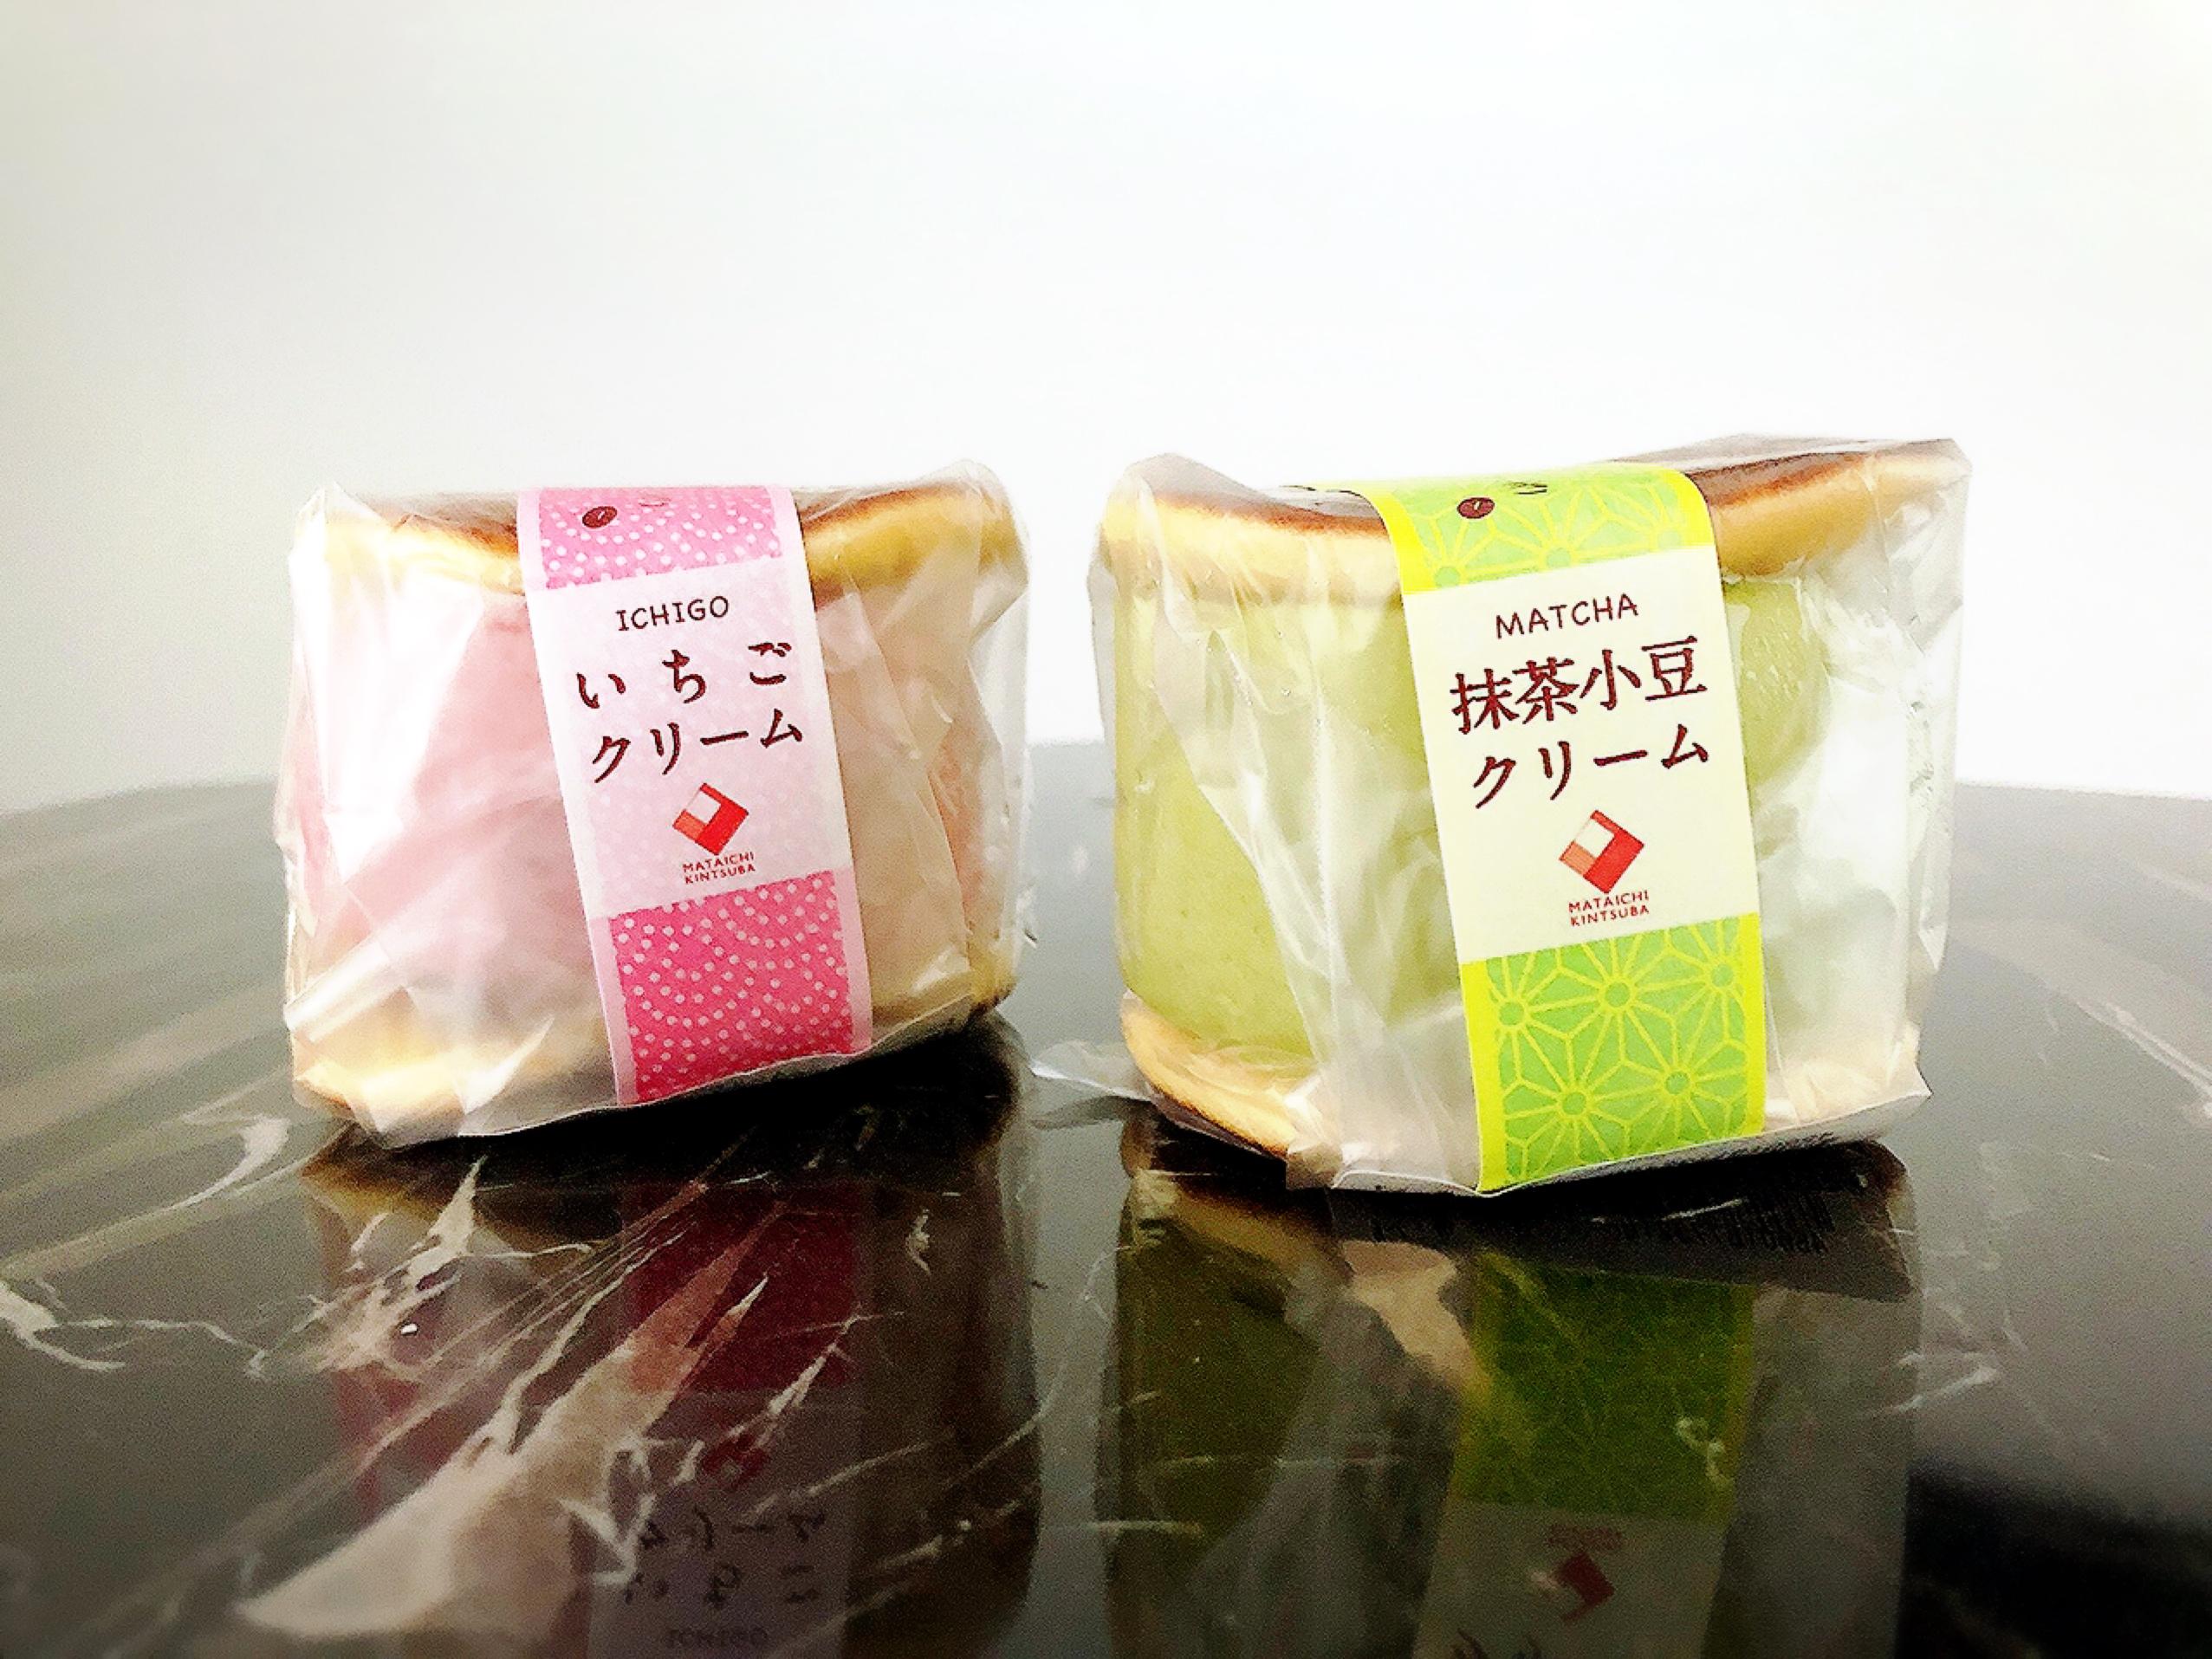 【#静岡】お取り寄せスイーツ♡静岡の和菓子老舗店の見た目も可愛い˚✧あん生どら焼き_1